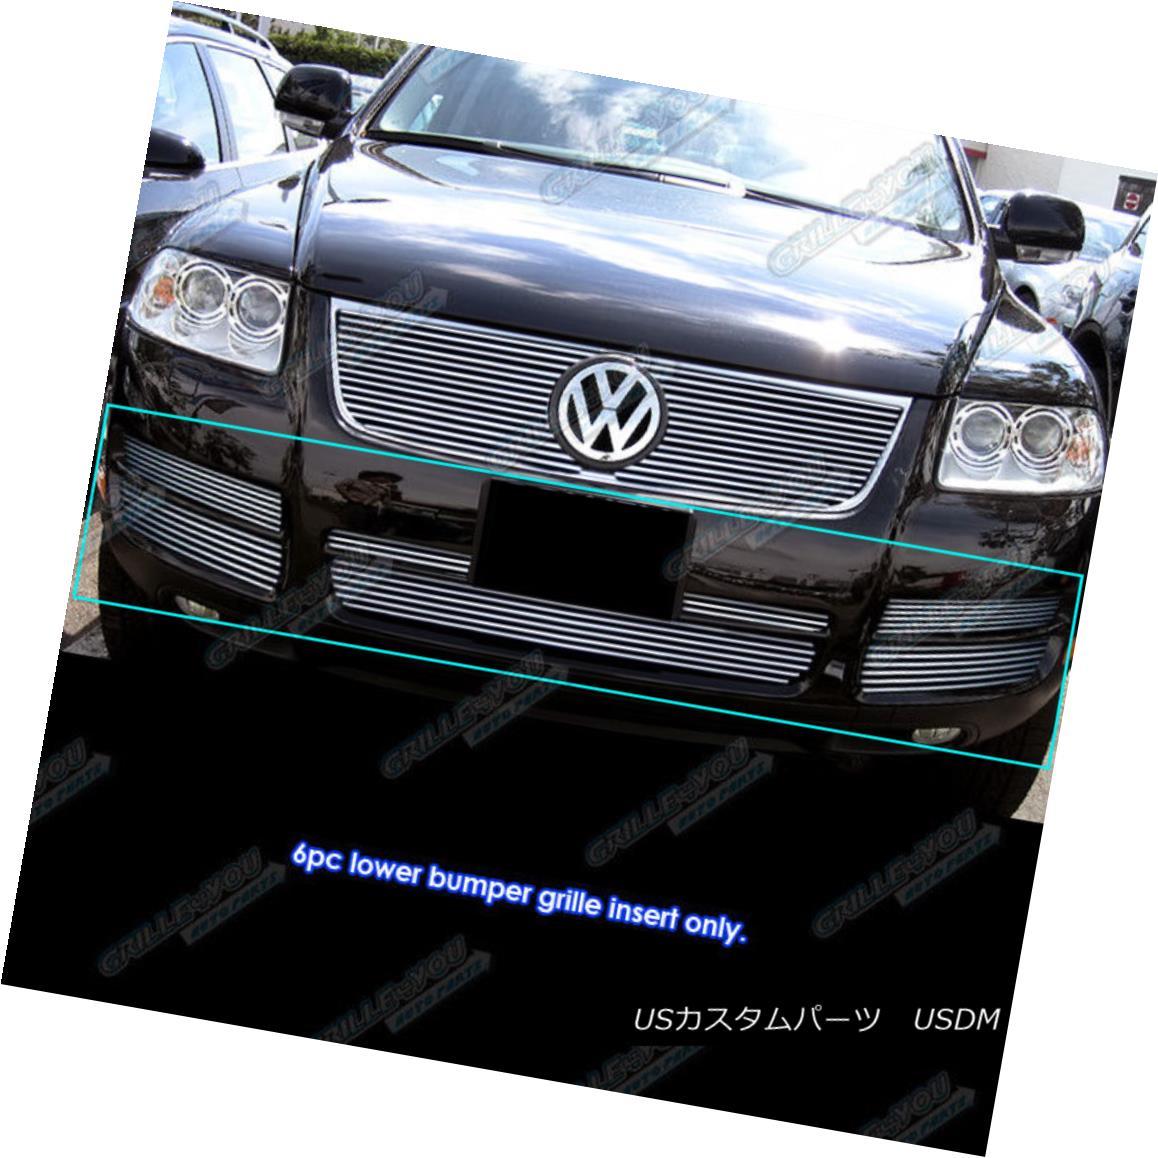 グリル Fits 03-07 VW Volkswagen Touareg Lower Bumper Billet Grille Insert フィット03-07 VWフォルクスワーゲントアレグロワーバンパービレットグリルインサート